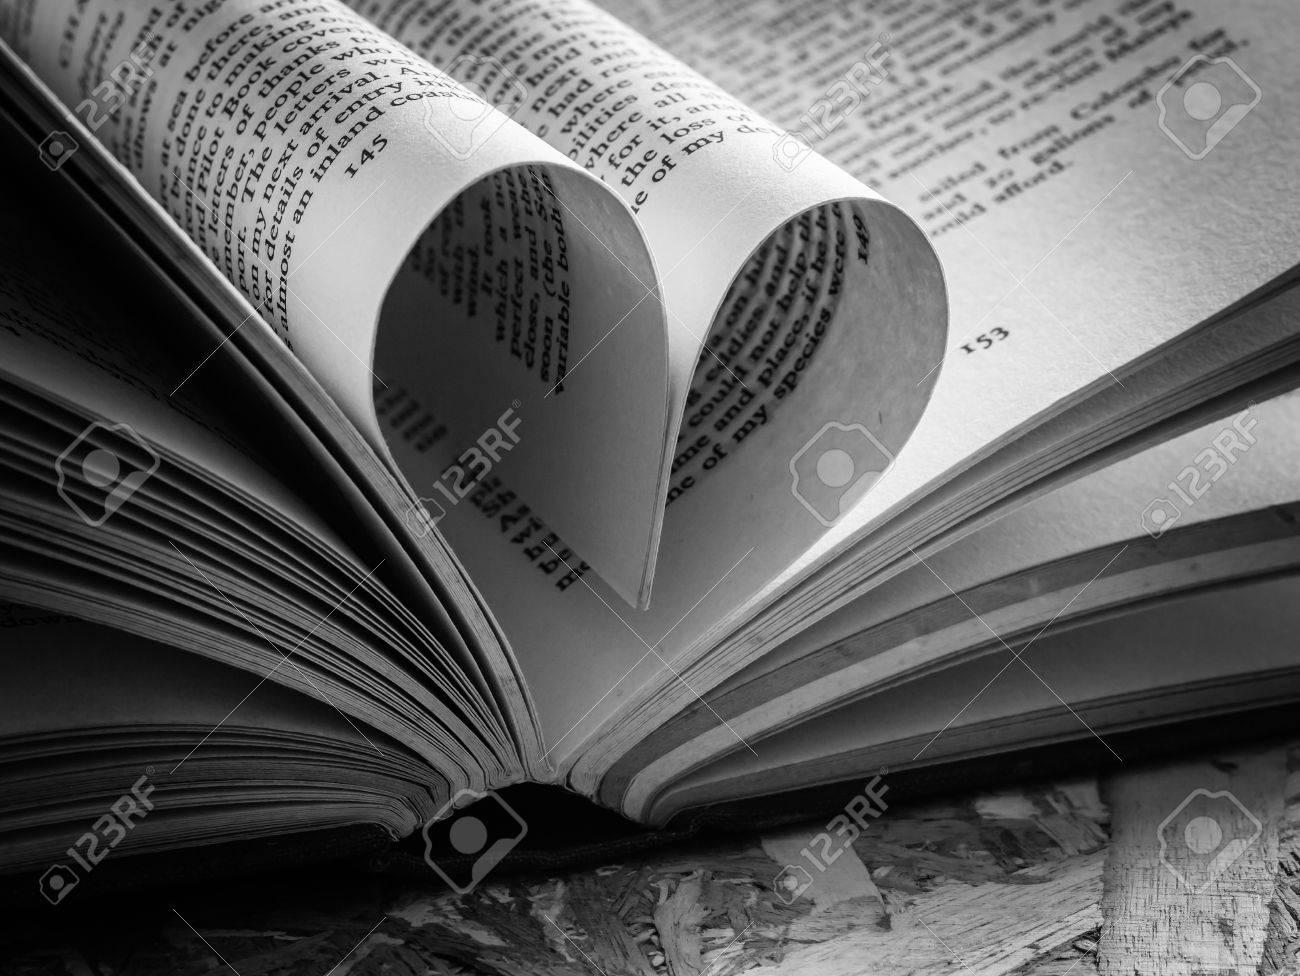 Corazón El Amor Blanco Y Negro En Un Libro Fotos Retratos Imágenes